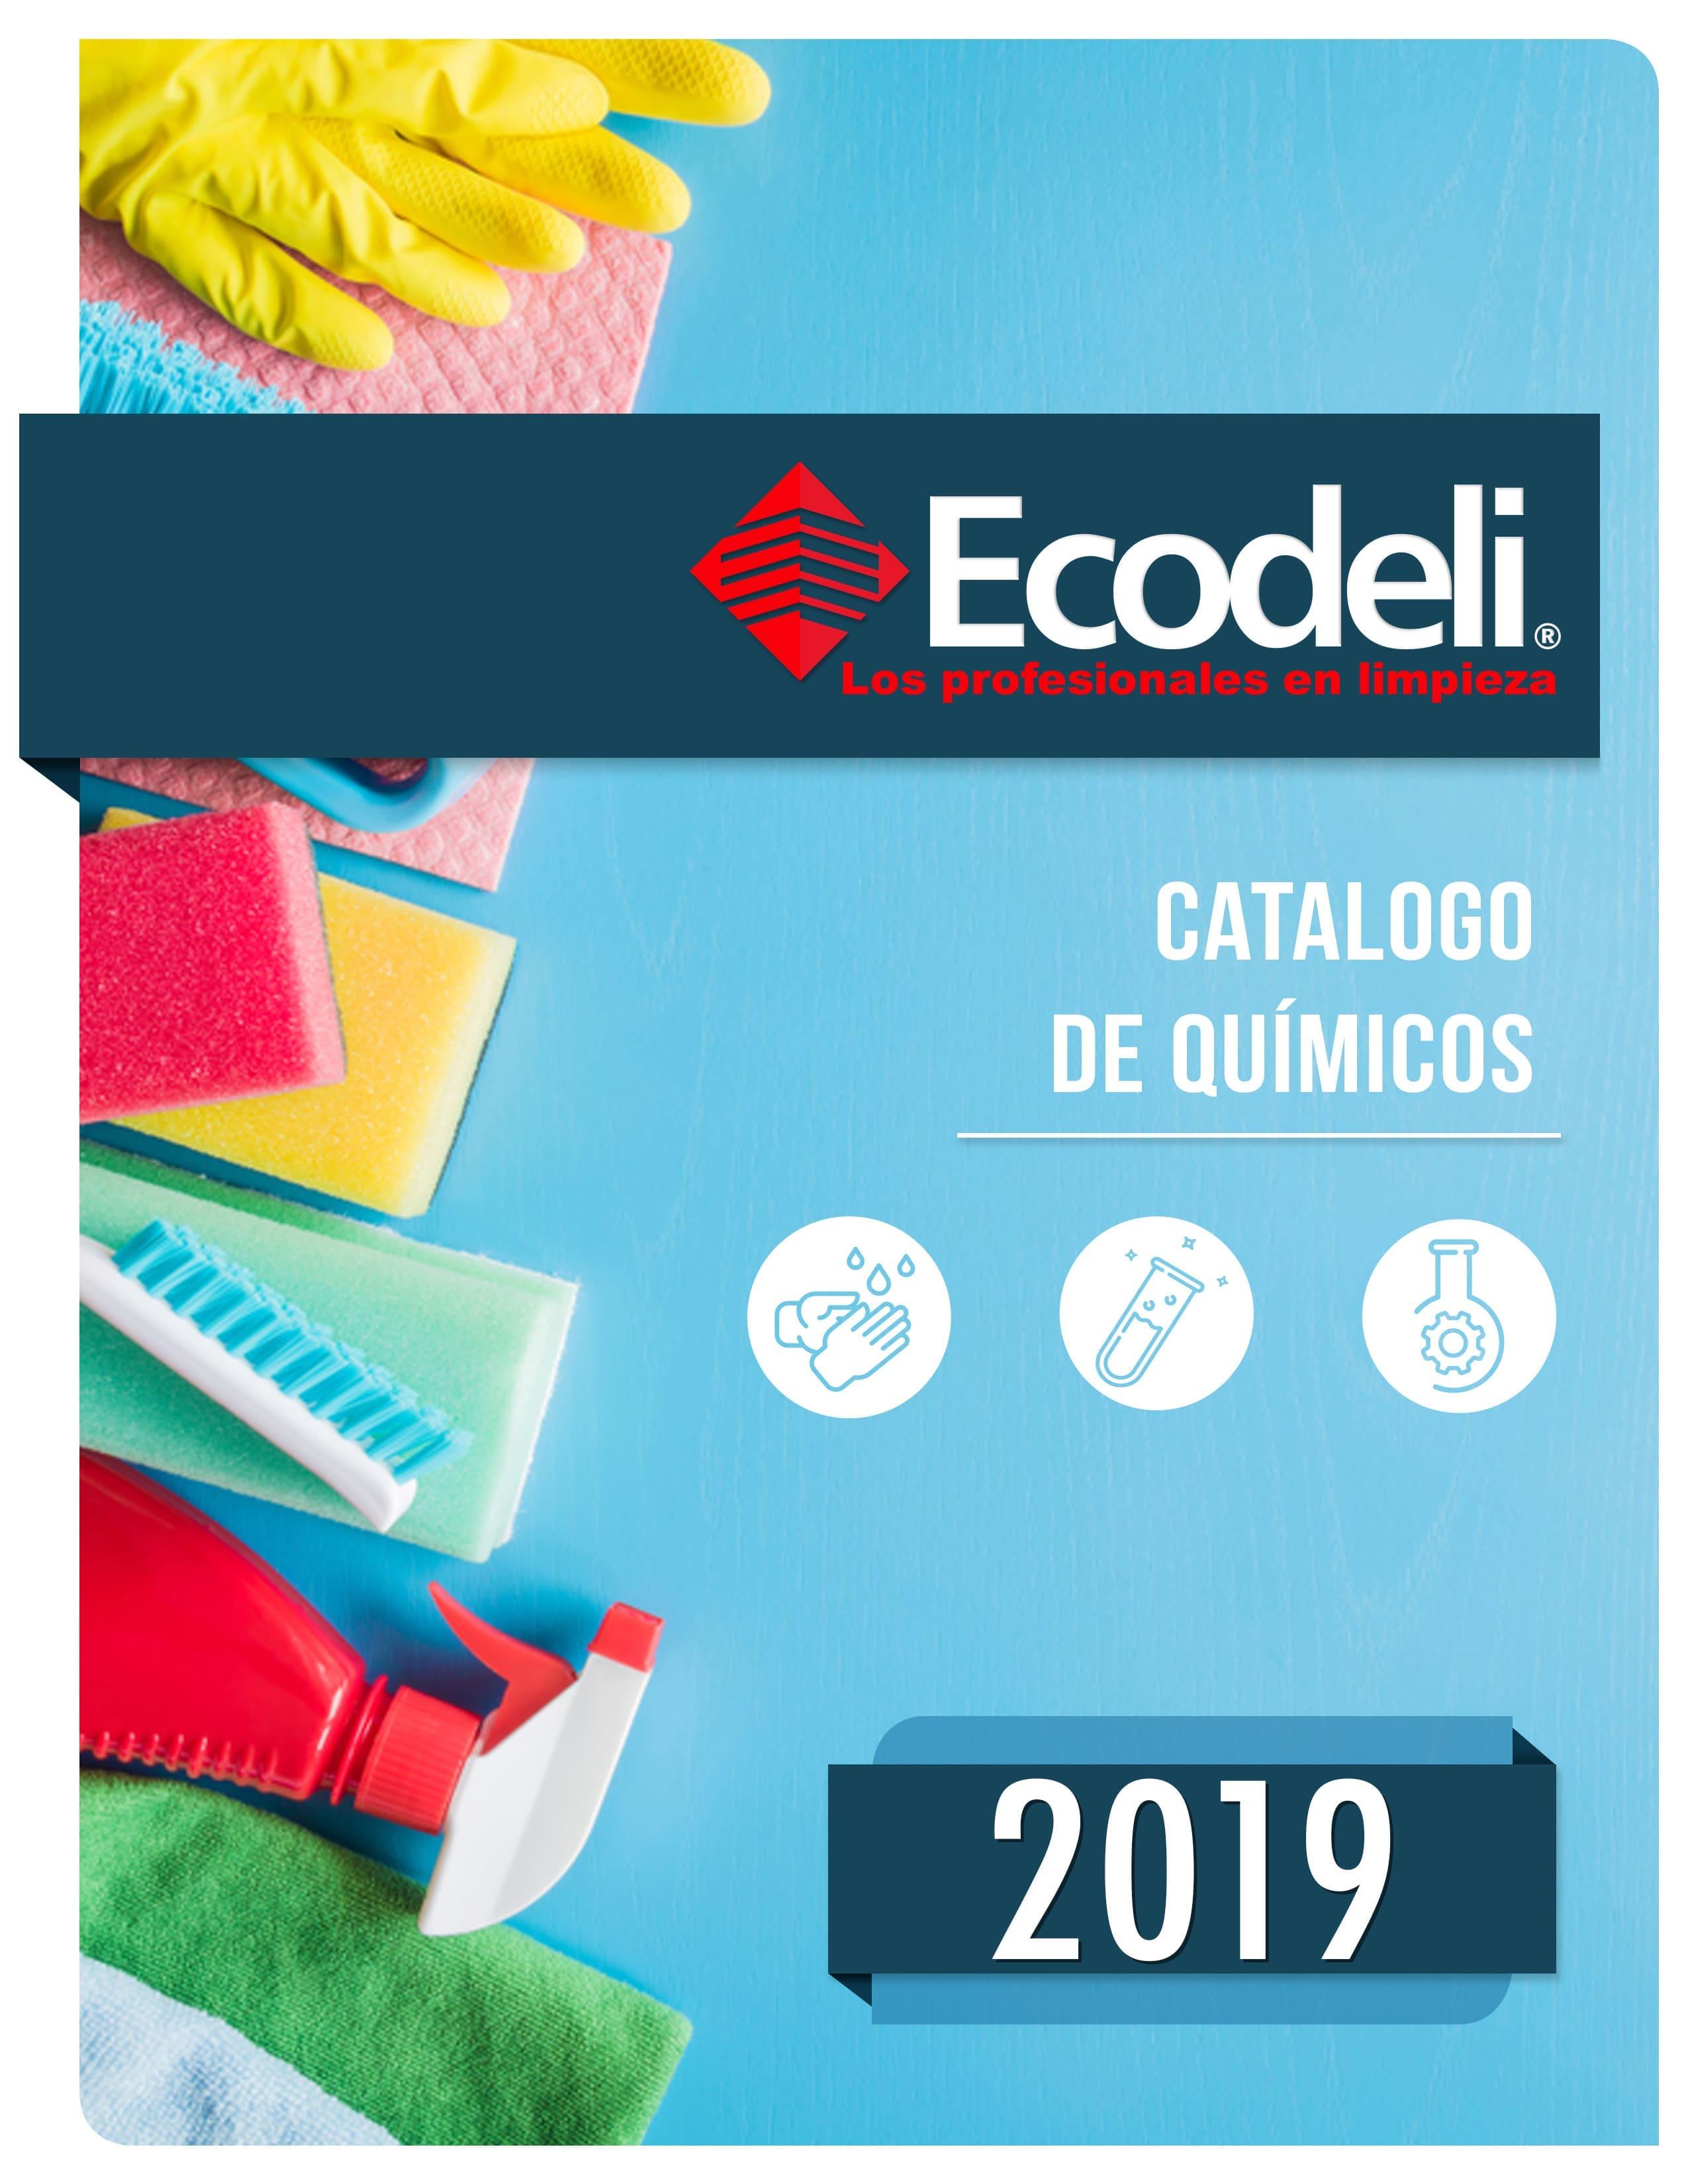 CatalogoQuimicos2019